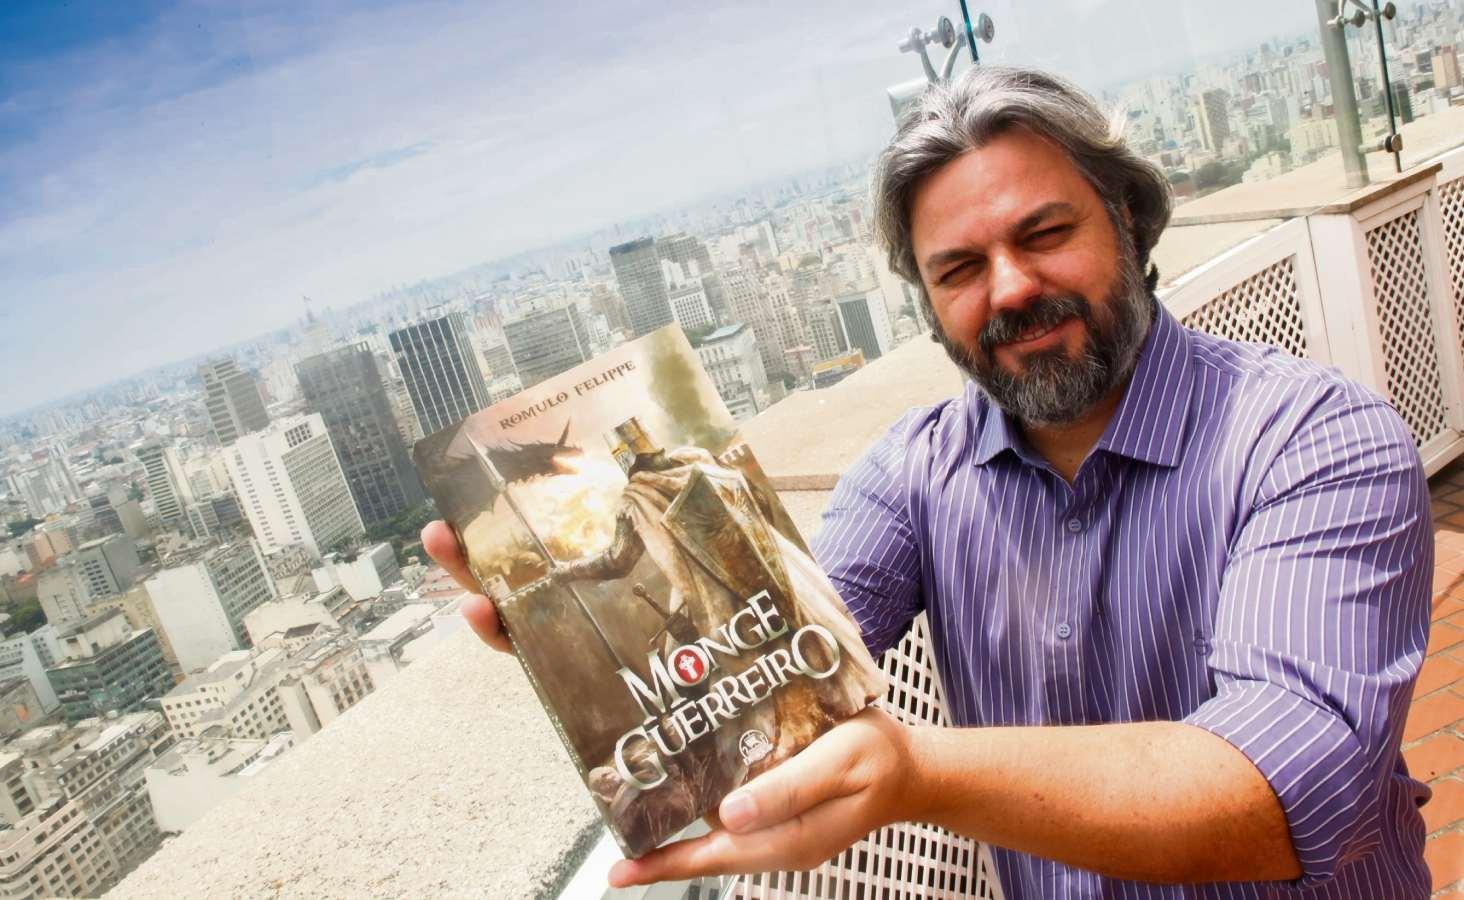 Romulo Felippe fez uma vasta pesquisa de campo para o livro. Crédito: Acervo Pessoal/Romulo Felipe